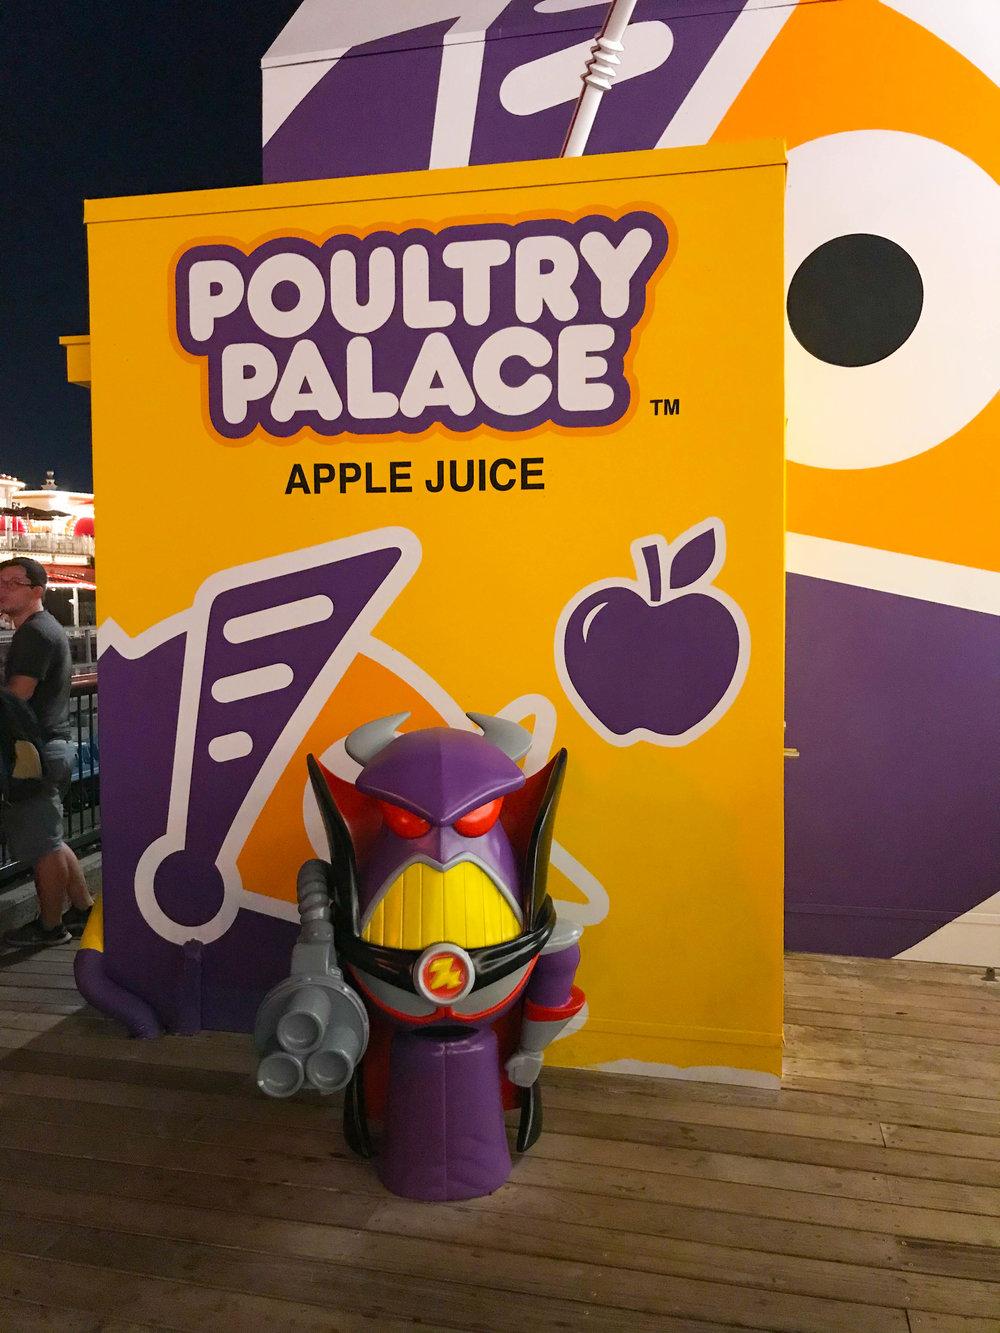 Disneyland_Pixar_Fest - Poultry Palace Zurg - Chicken